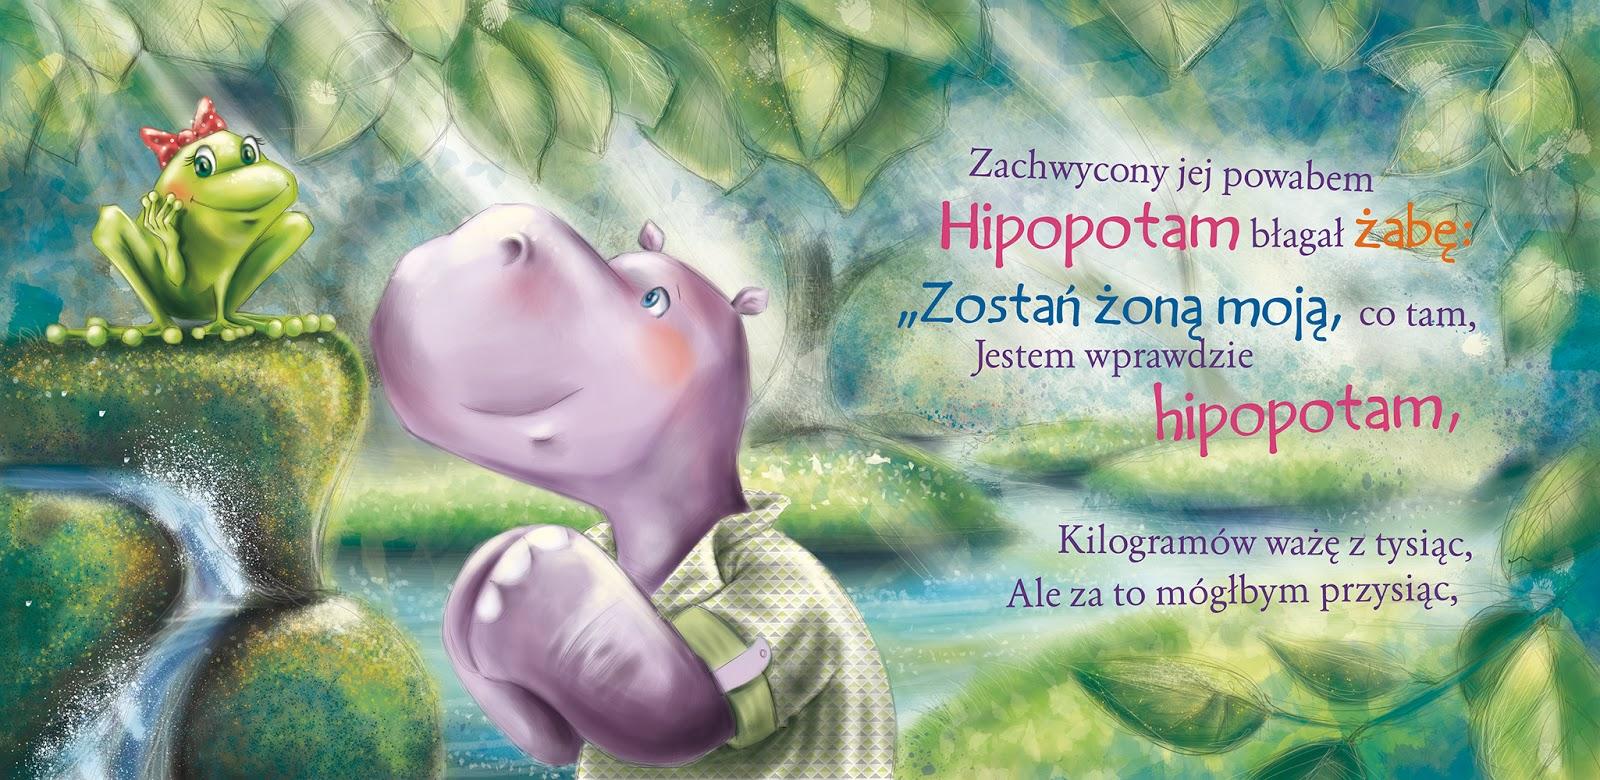 Opowiadania Bajarza Hipopotam